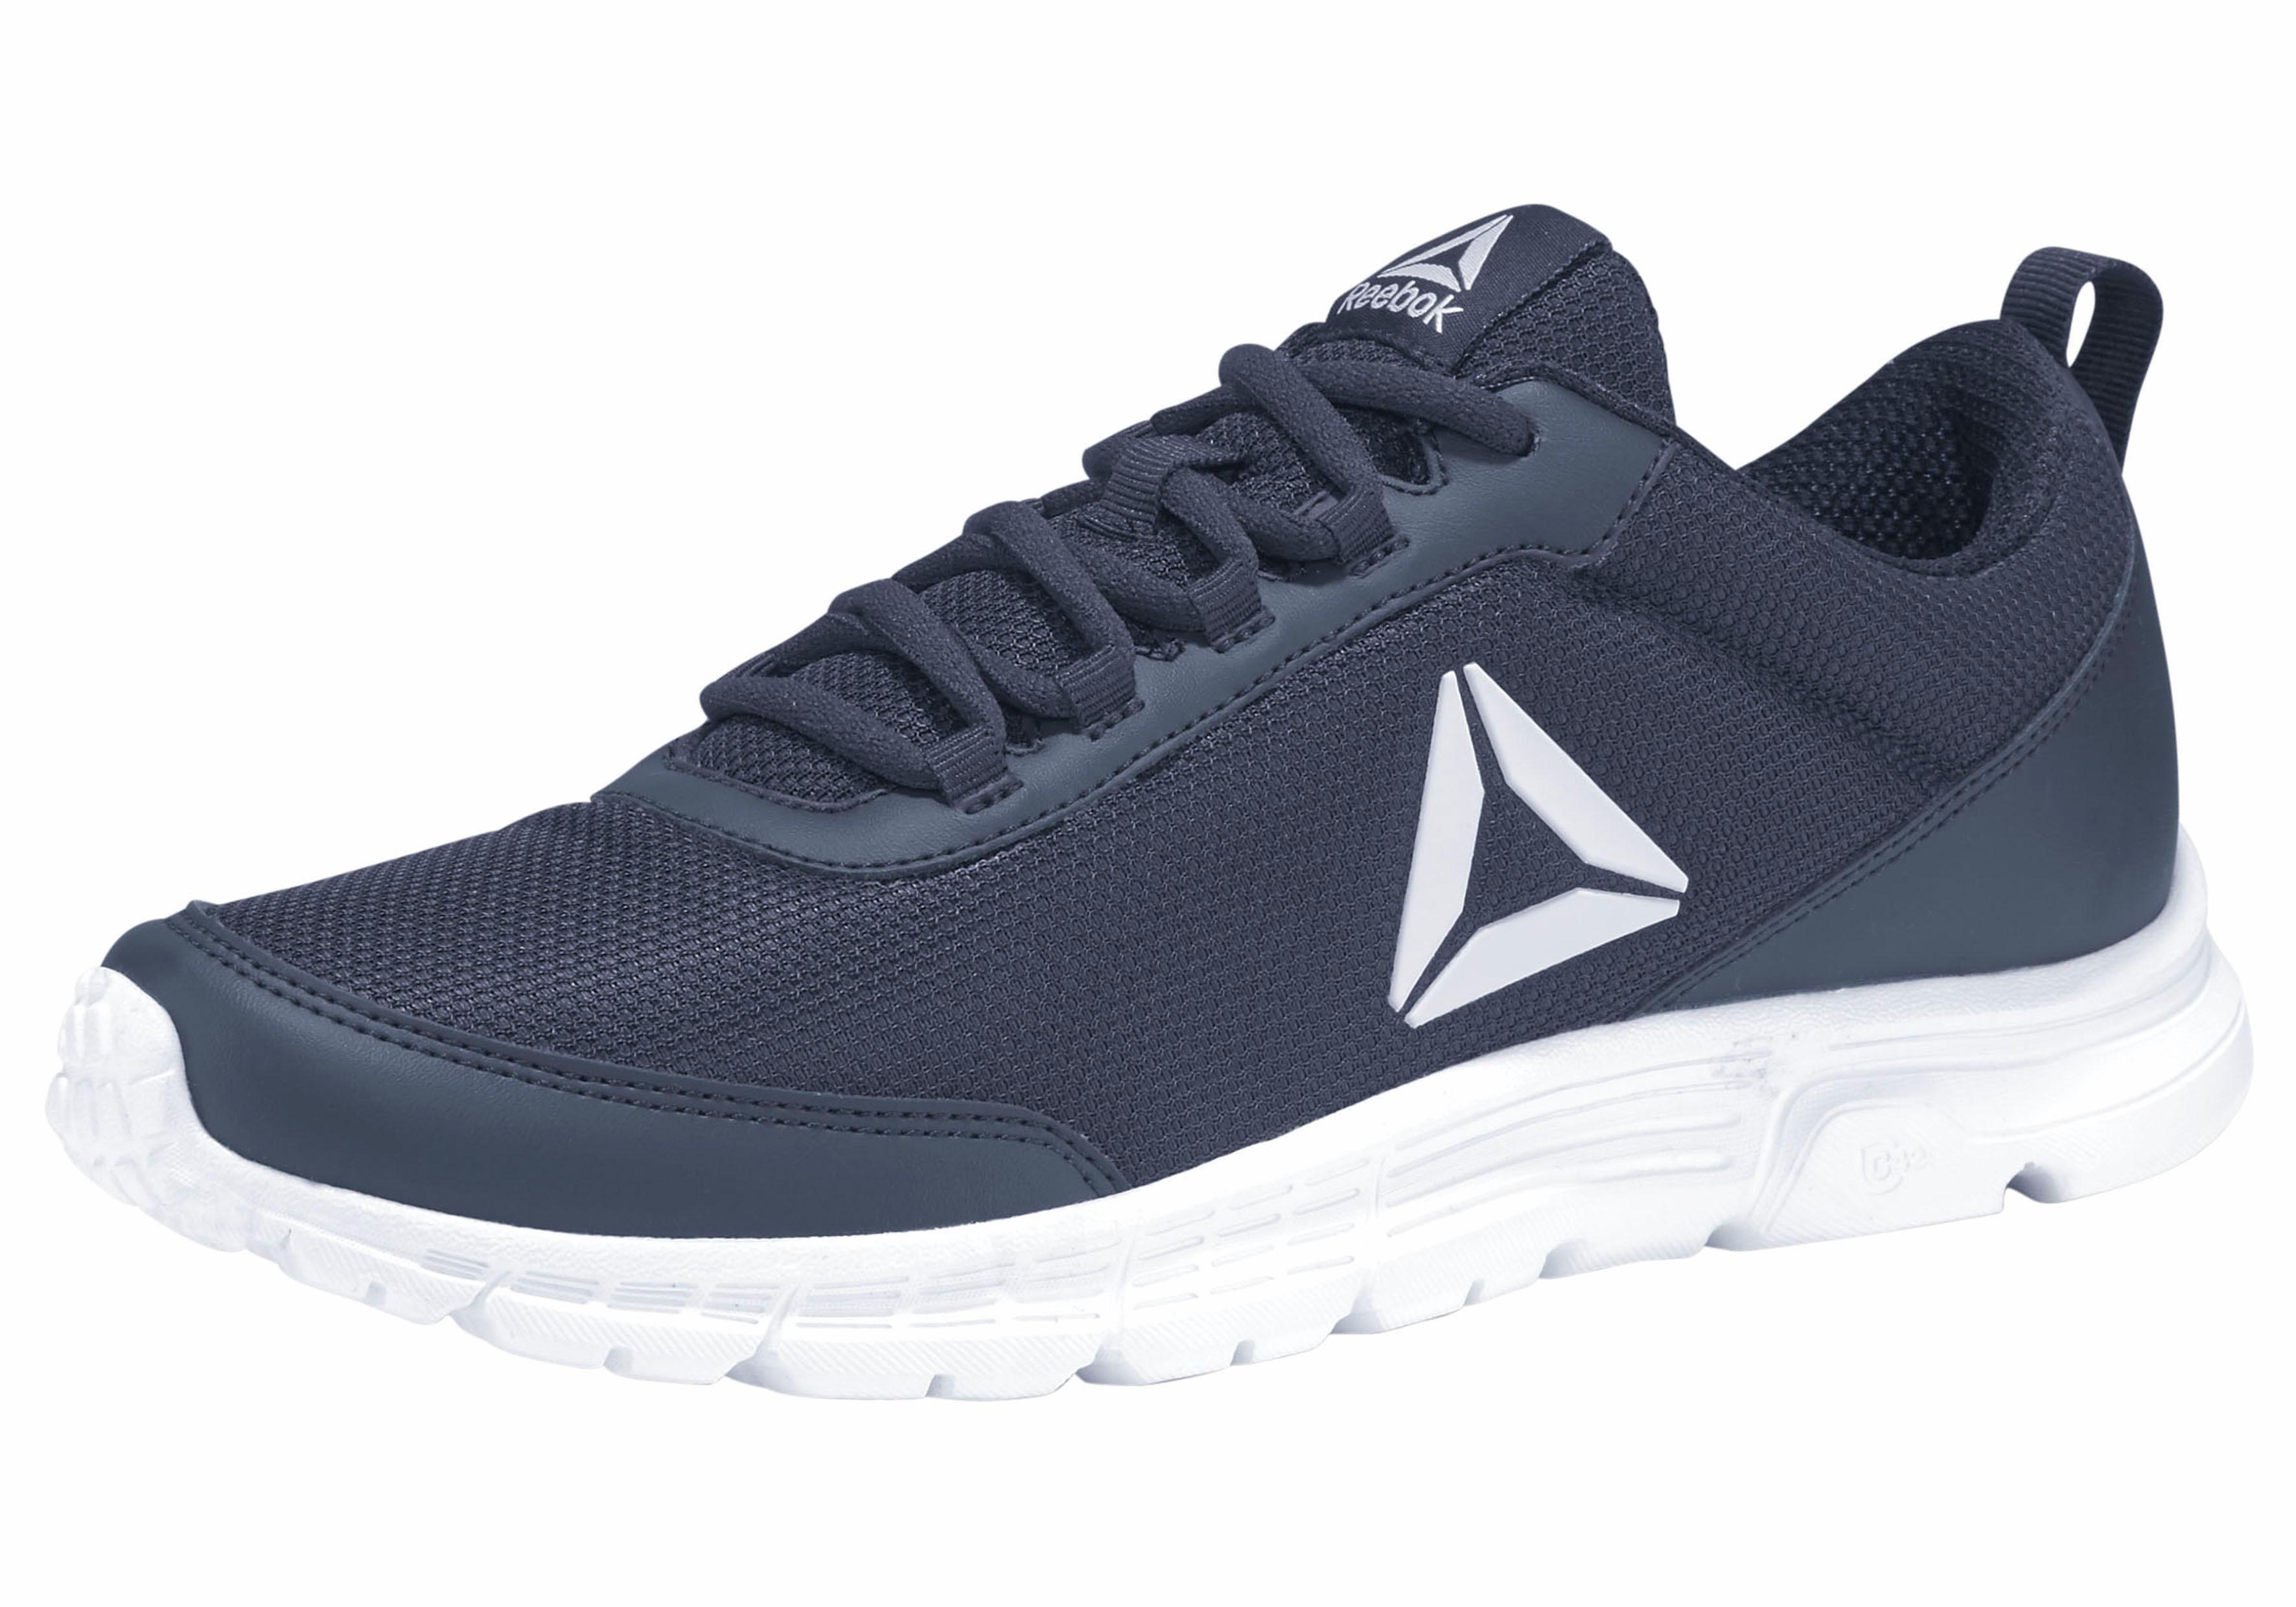 Reebok runningschoenen »Speedlux 3.0 M« bij OTTO online kopen